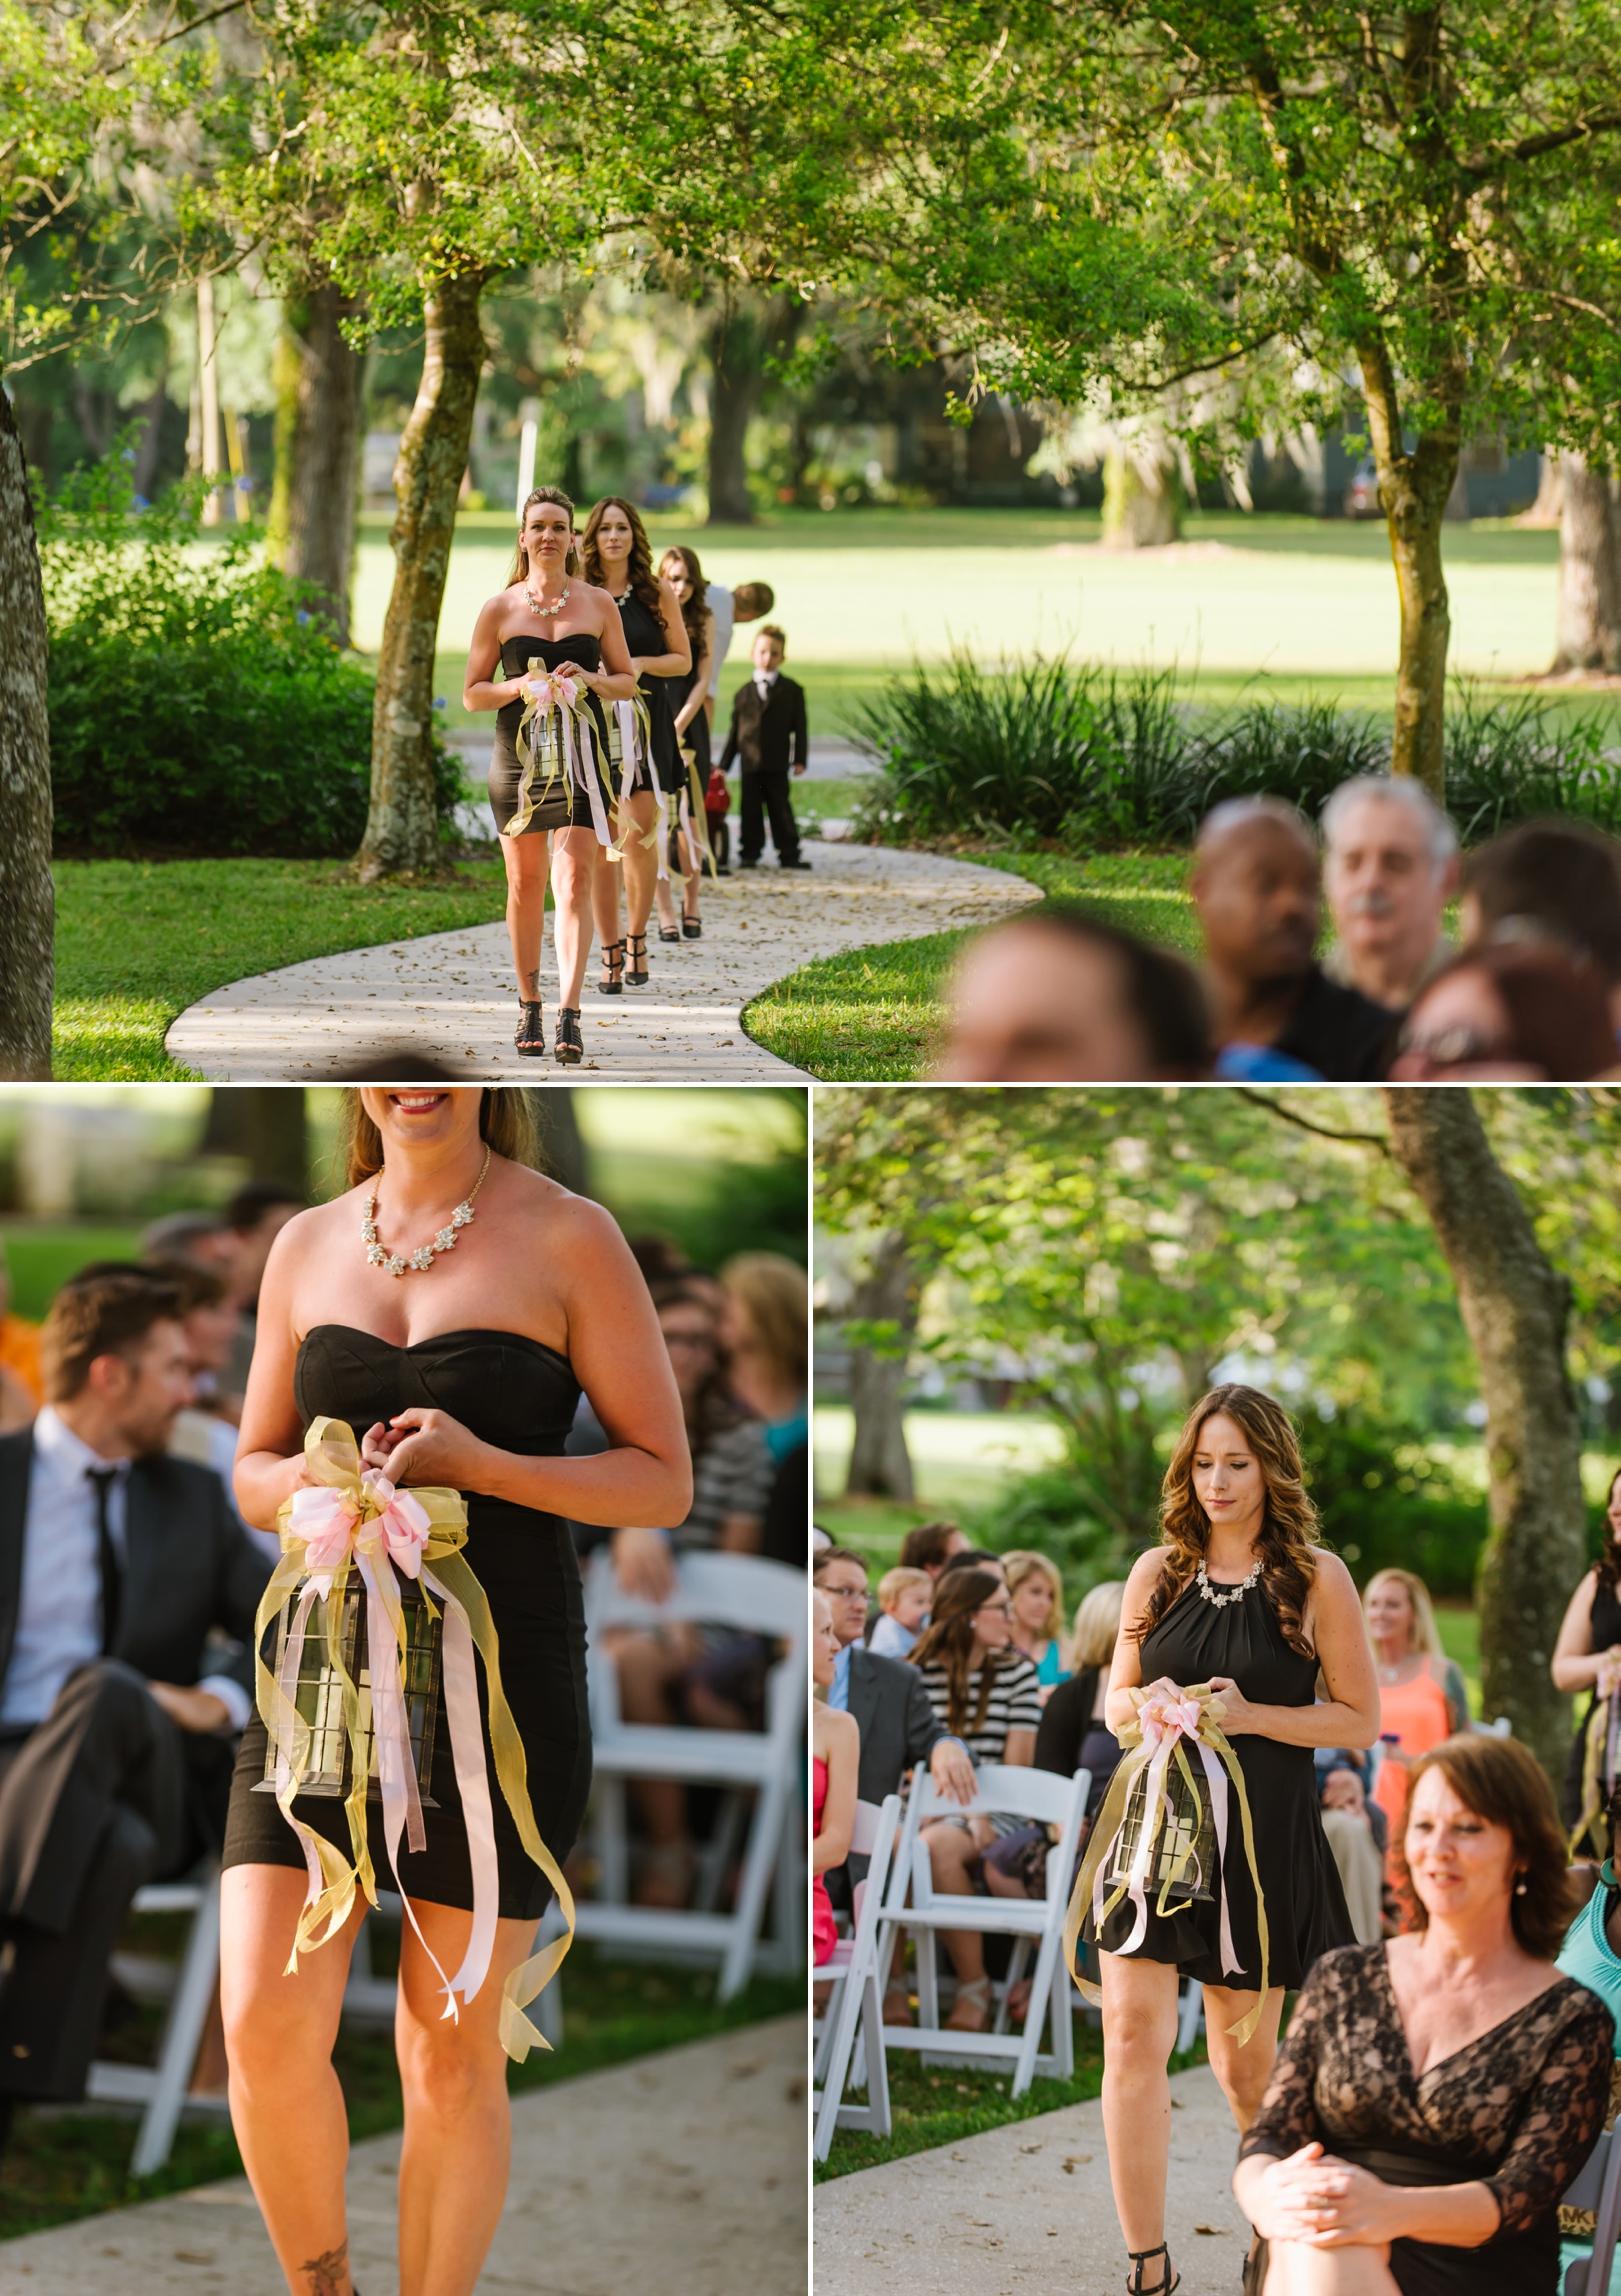 ashlee-hamon-photography-tampa-rustic-outdoor-traditional-wedding_0004.jpg